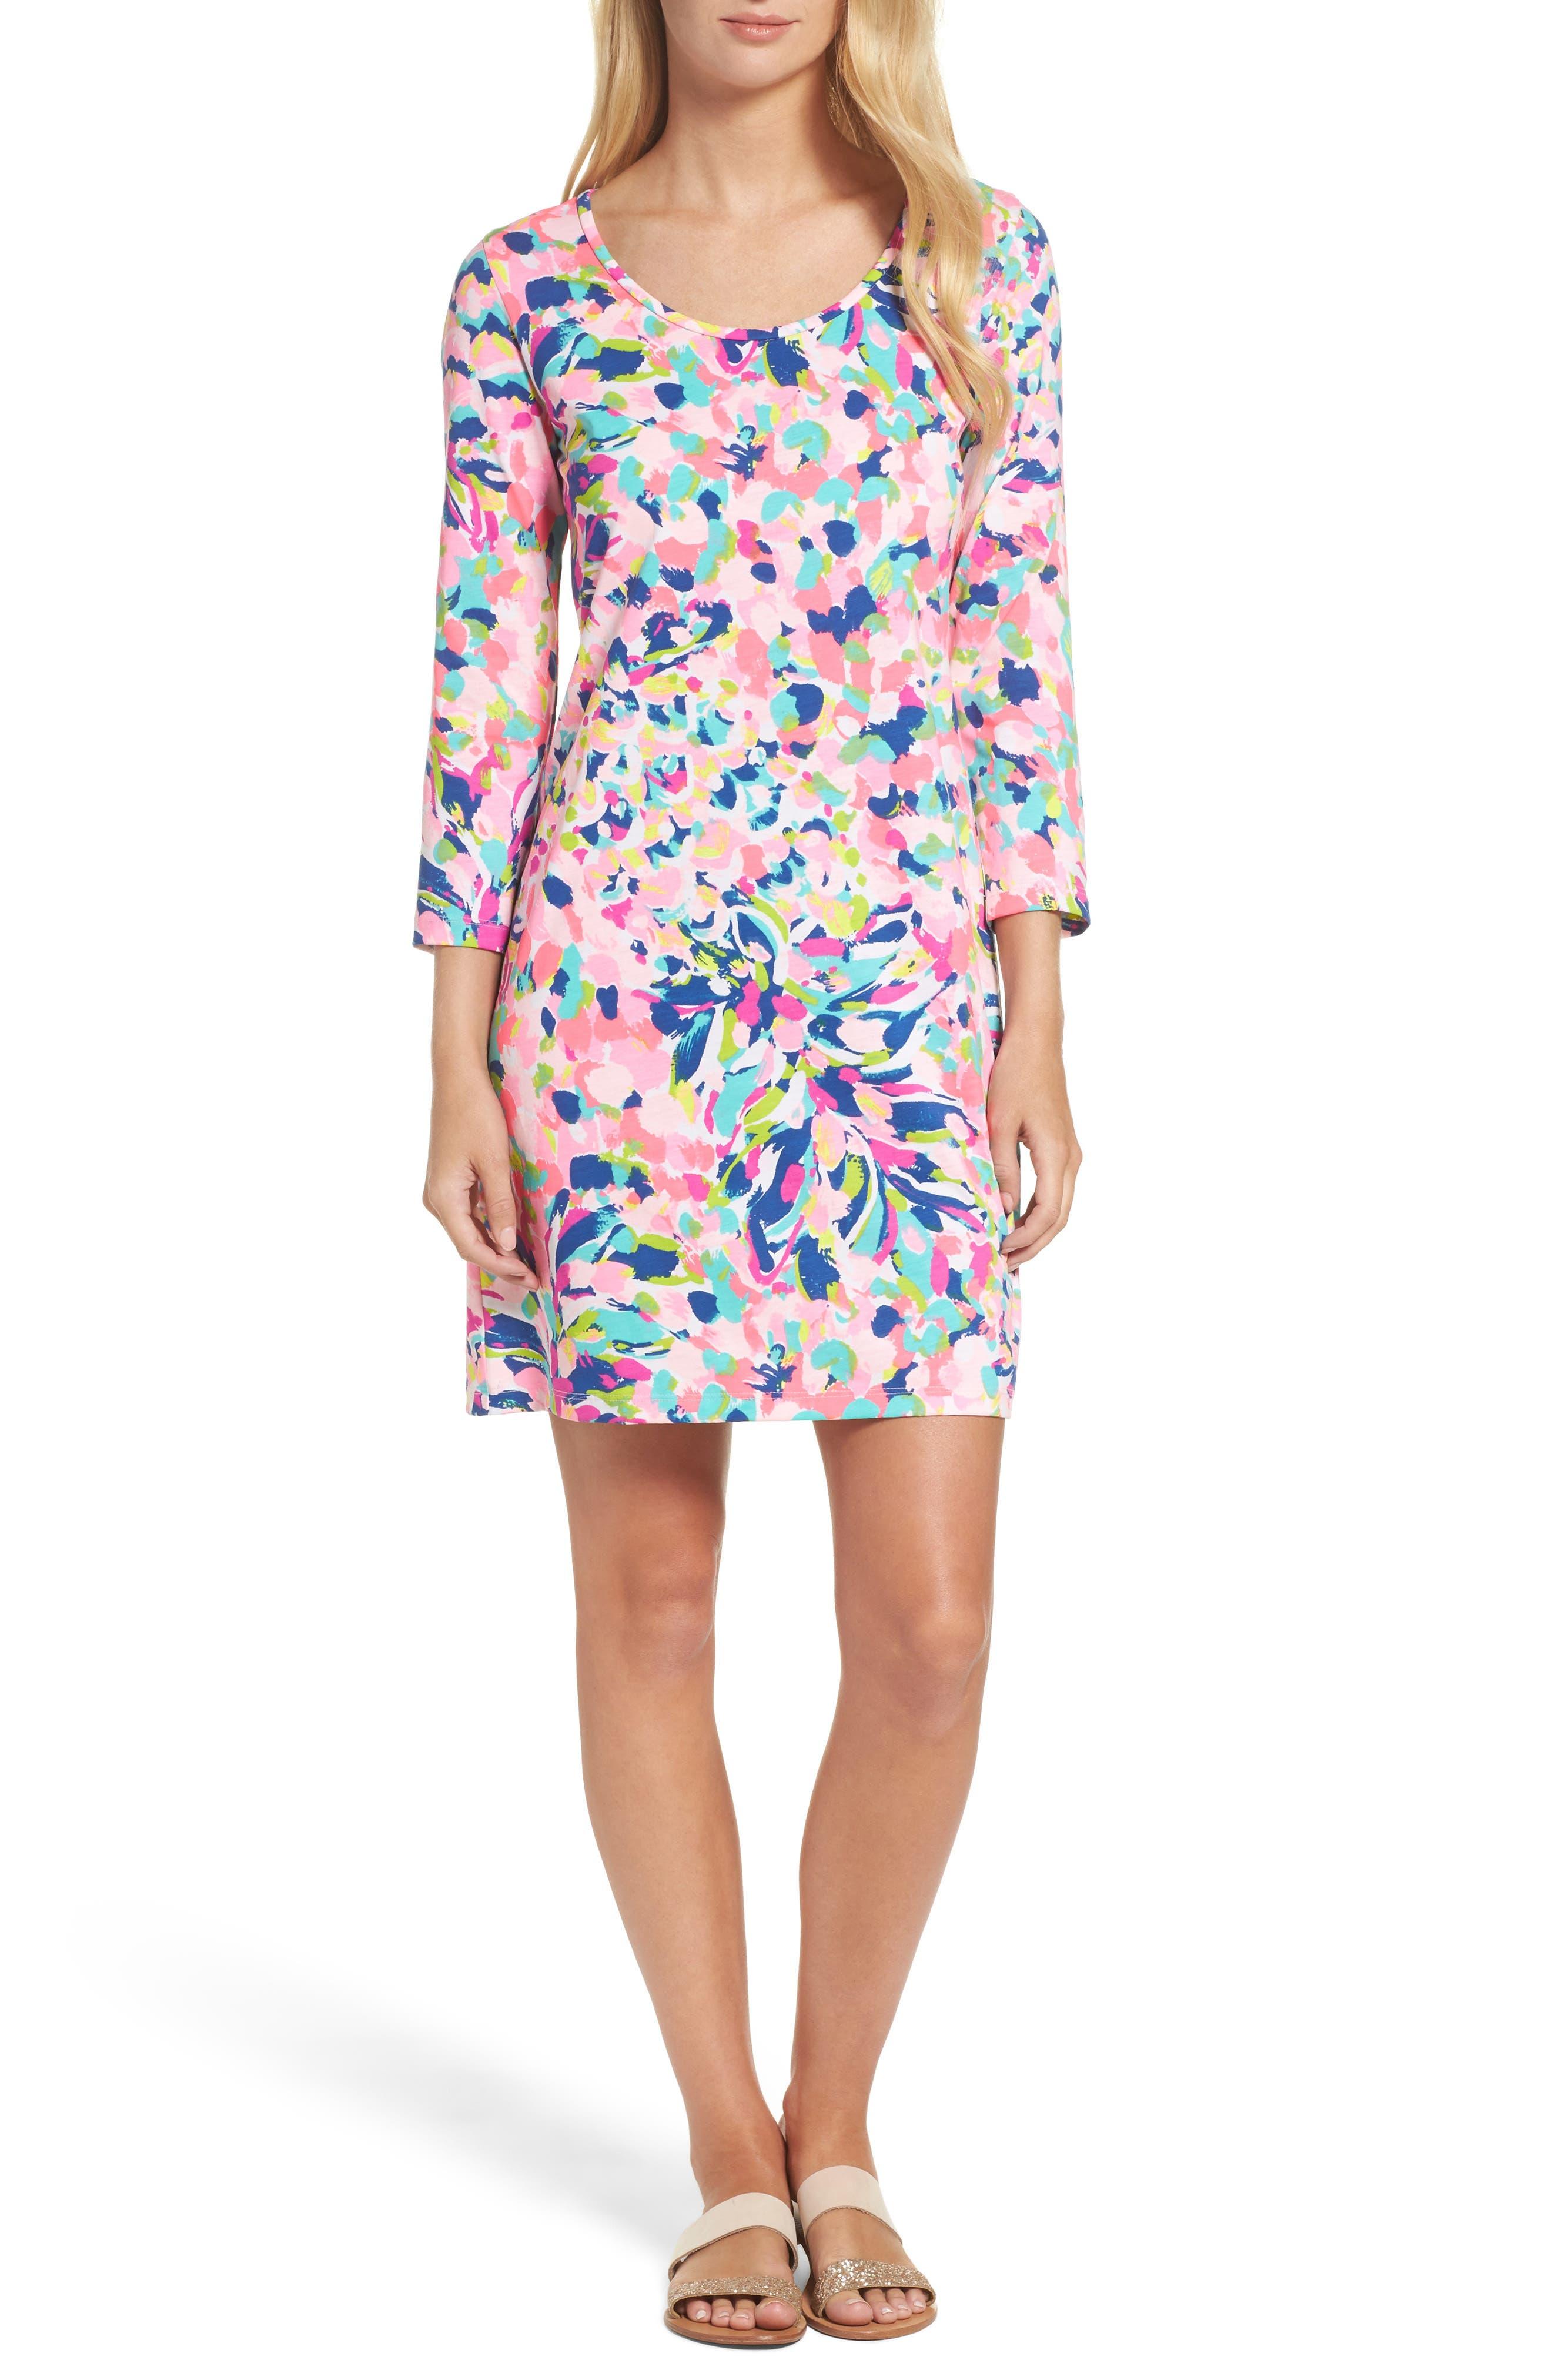 Beacon Shift Dress,                         Main,                         color, Multi Pina Colada Club